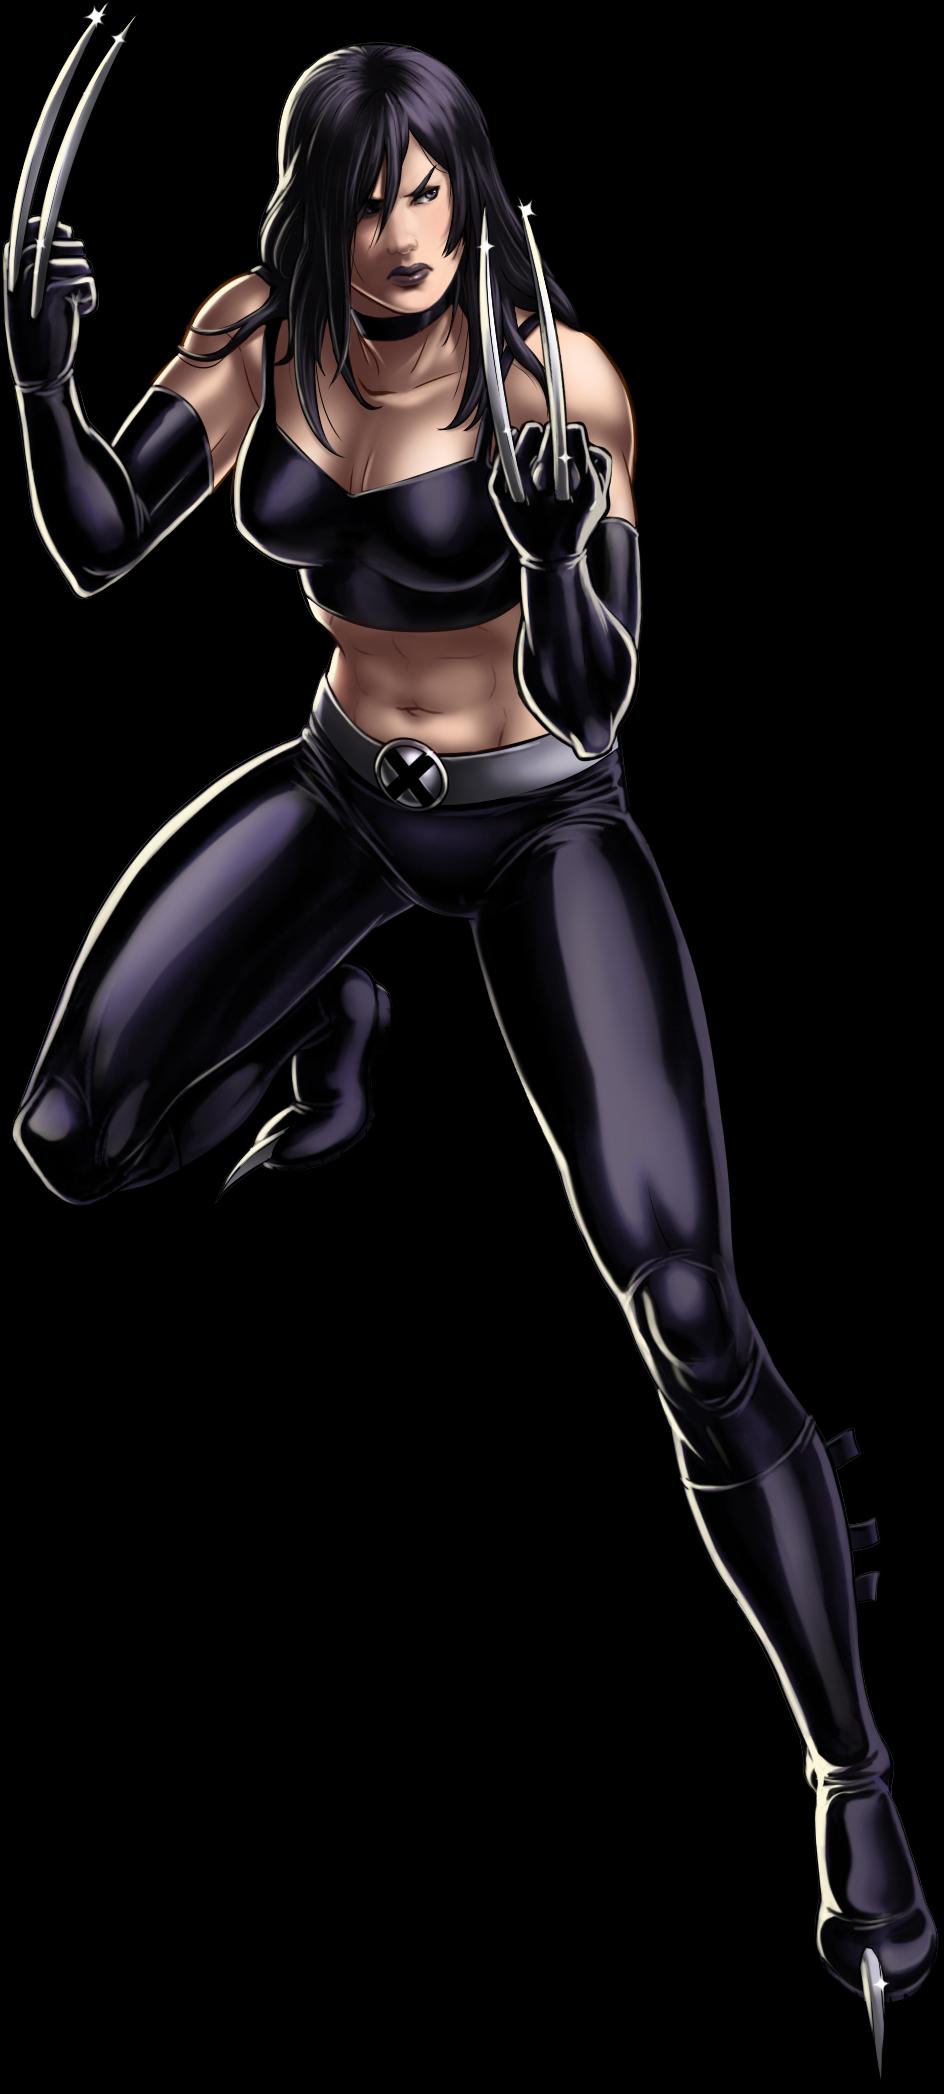 Ficheiro:X-23 Artwork Completo.png - Wiki Marvel: Avengers ... X 23 Marvel Avengers Alliance